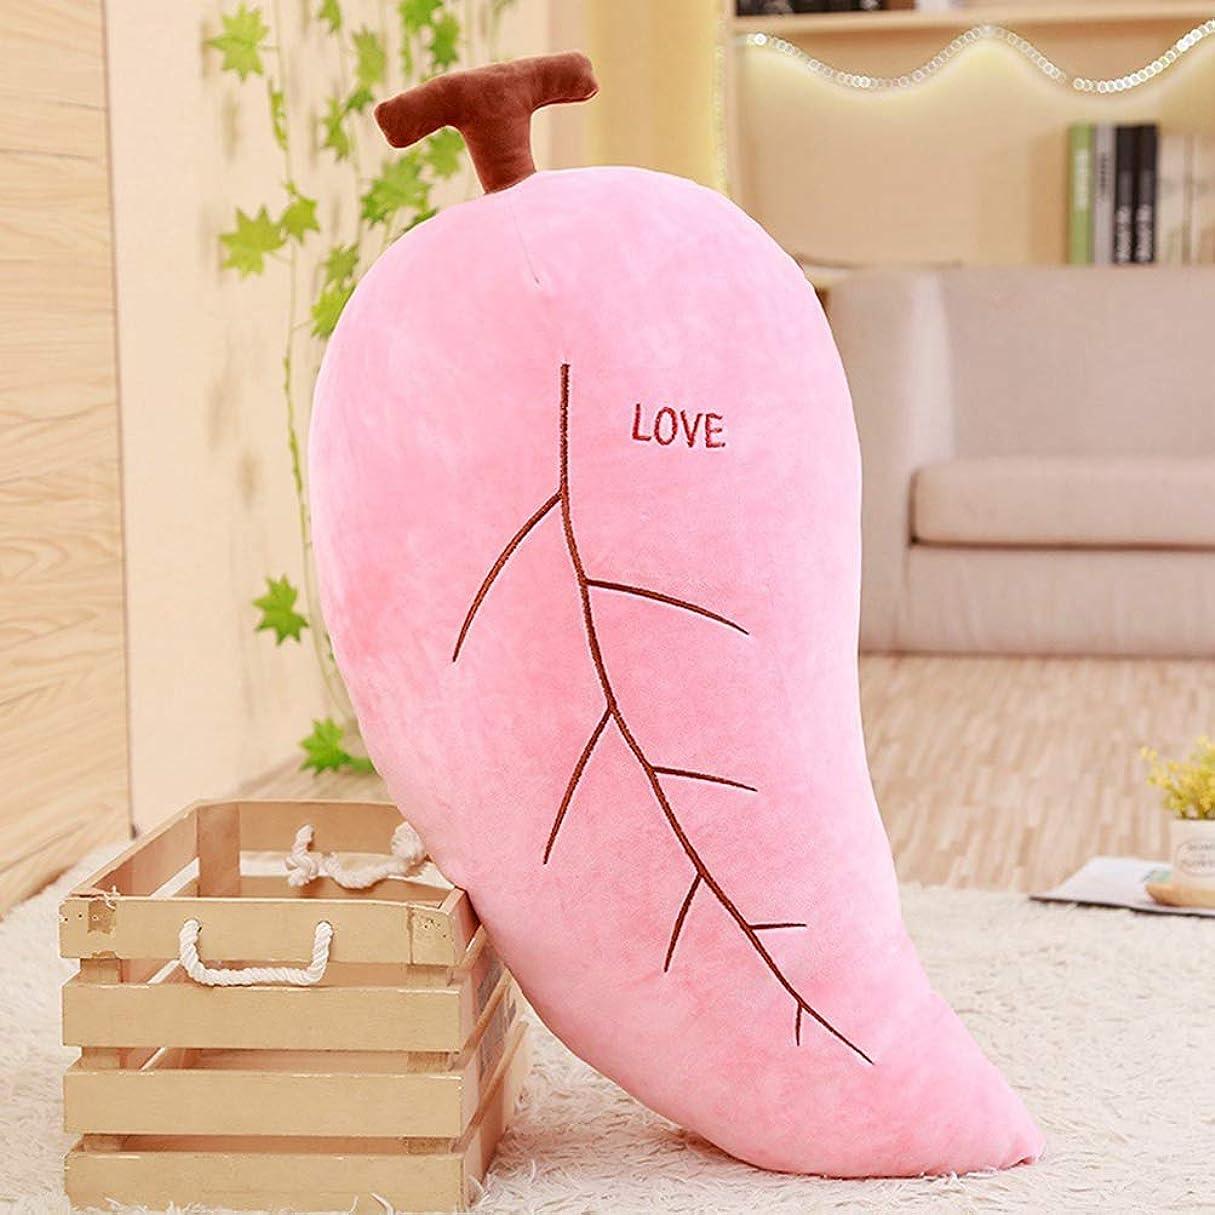 固有のバルーン支援insシンプル ぬいぐるみ 葉 抱き枕 キュート クッション 柔らかい ソファー ベッド ふわふわ 飾り インテリア お誕生日 夏祭り 子供の日 バレンタイン プレゼント ギフト 贈り物 可愛い ピンク80CM